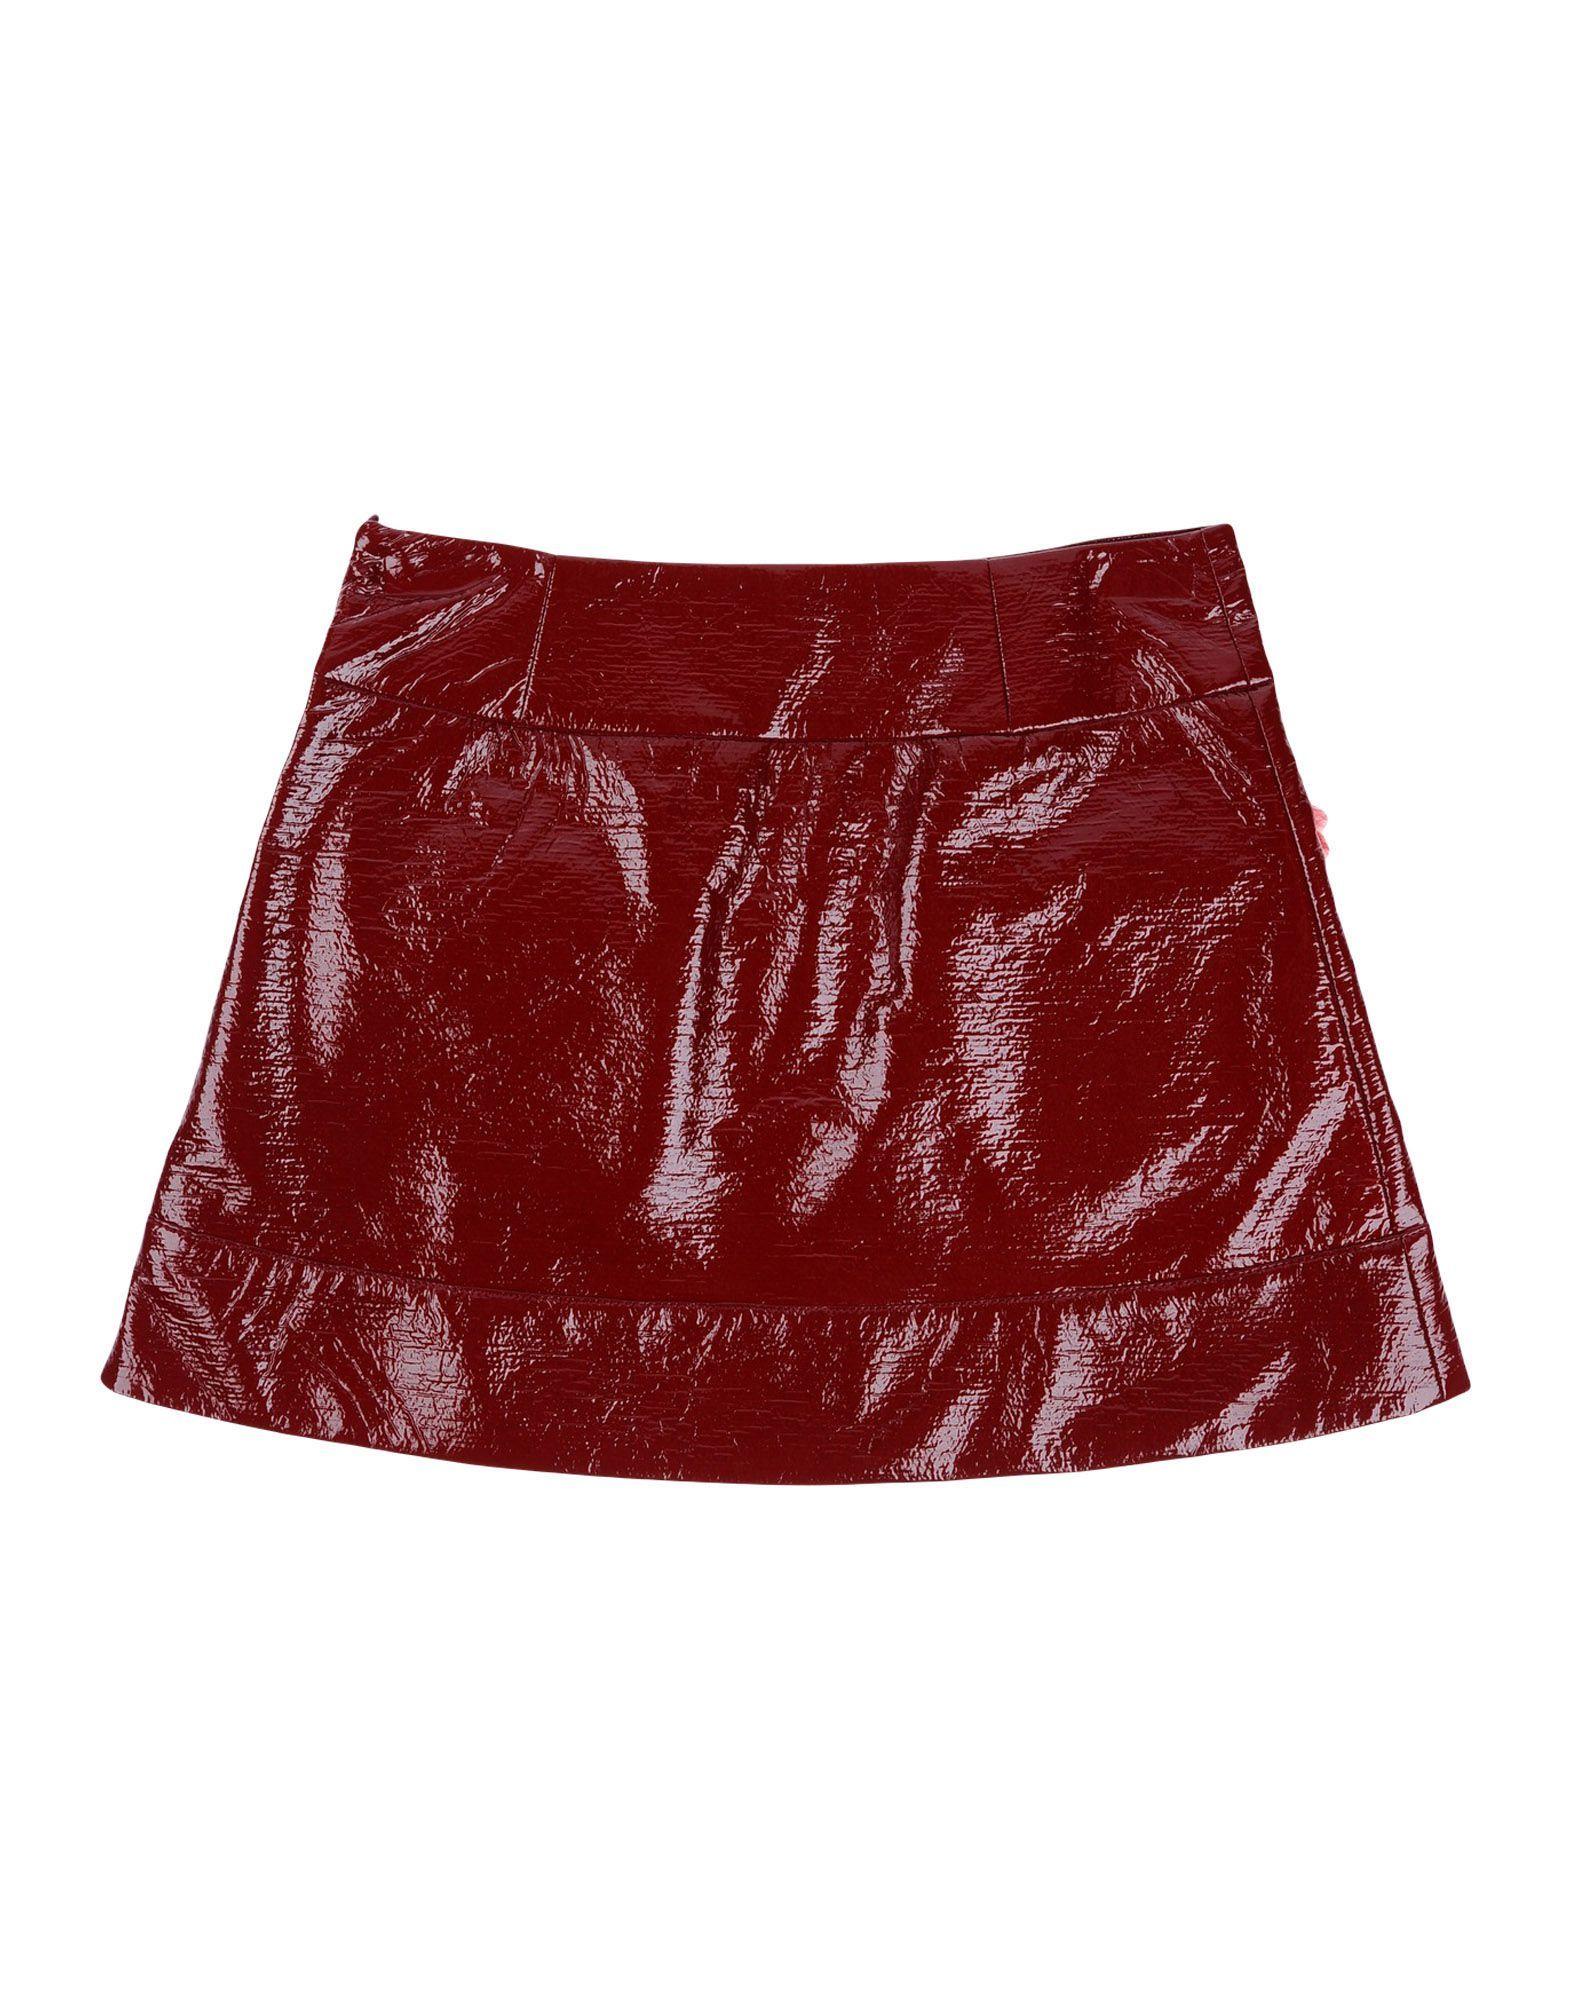 Simonetta Maroon Girls' Cotton Skirt